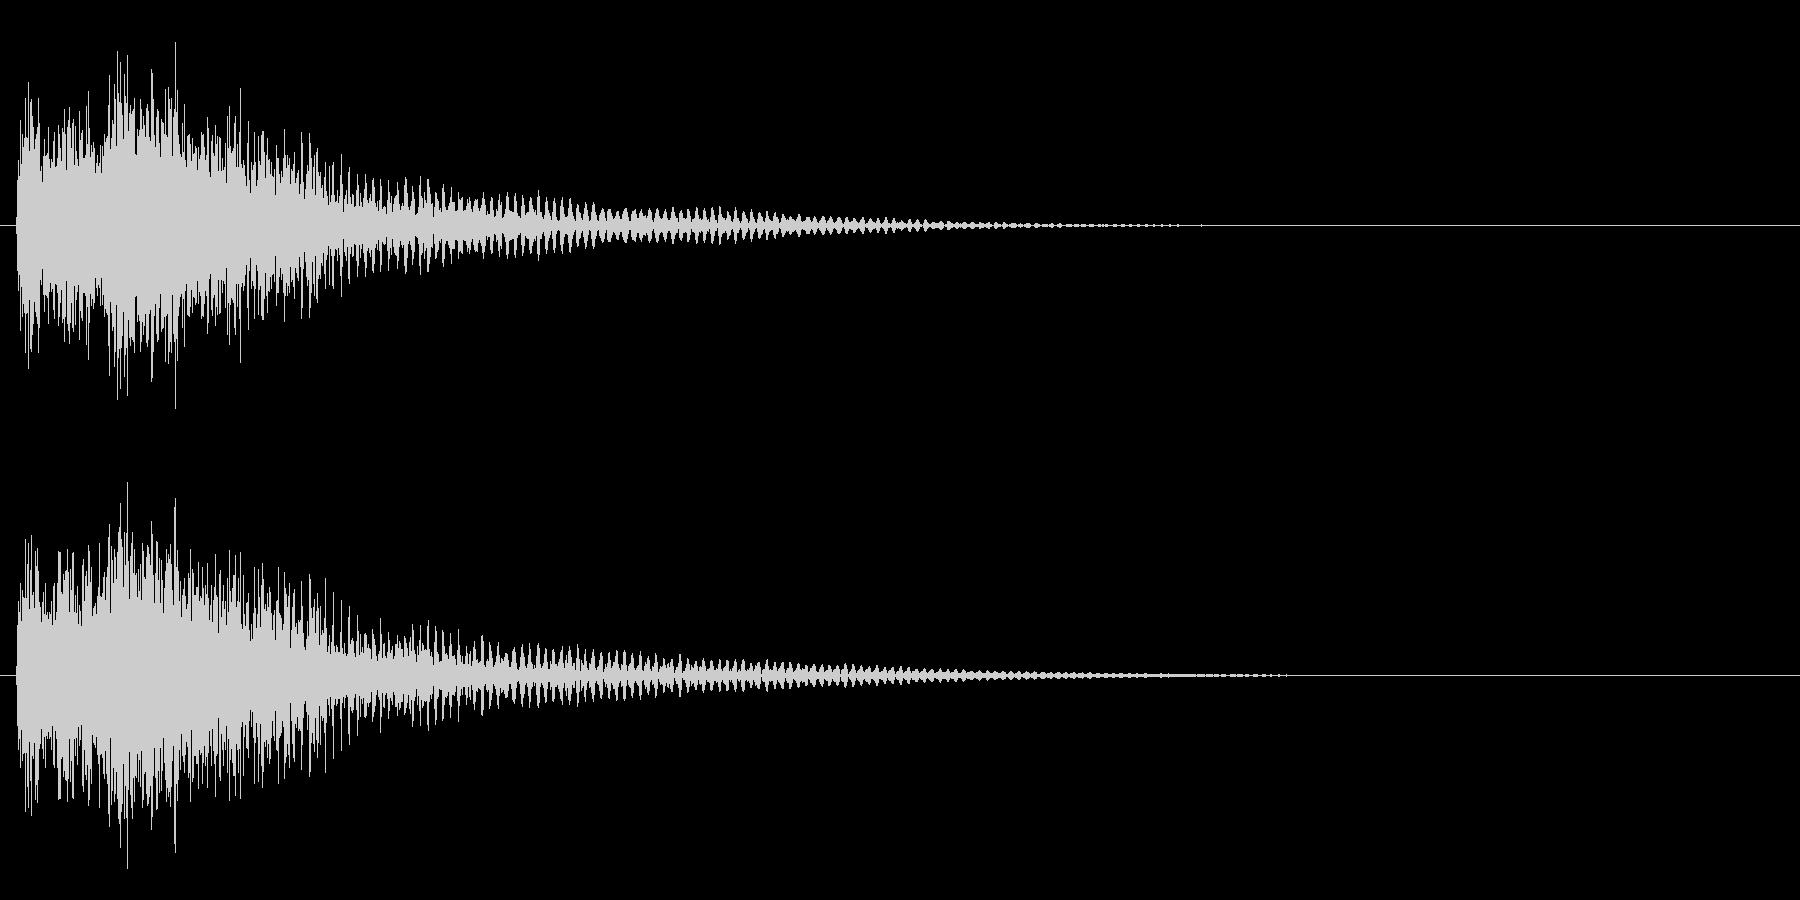 ジャジャン/クイズ/出題/ヒットの未再生の波形